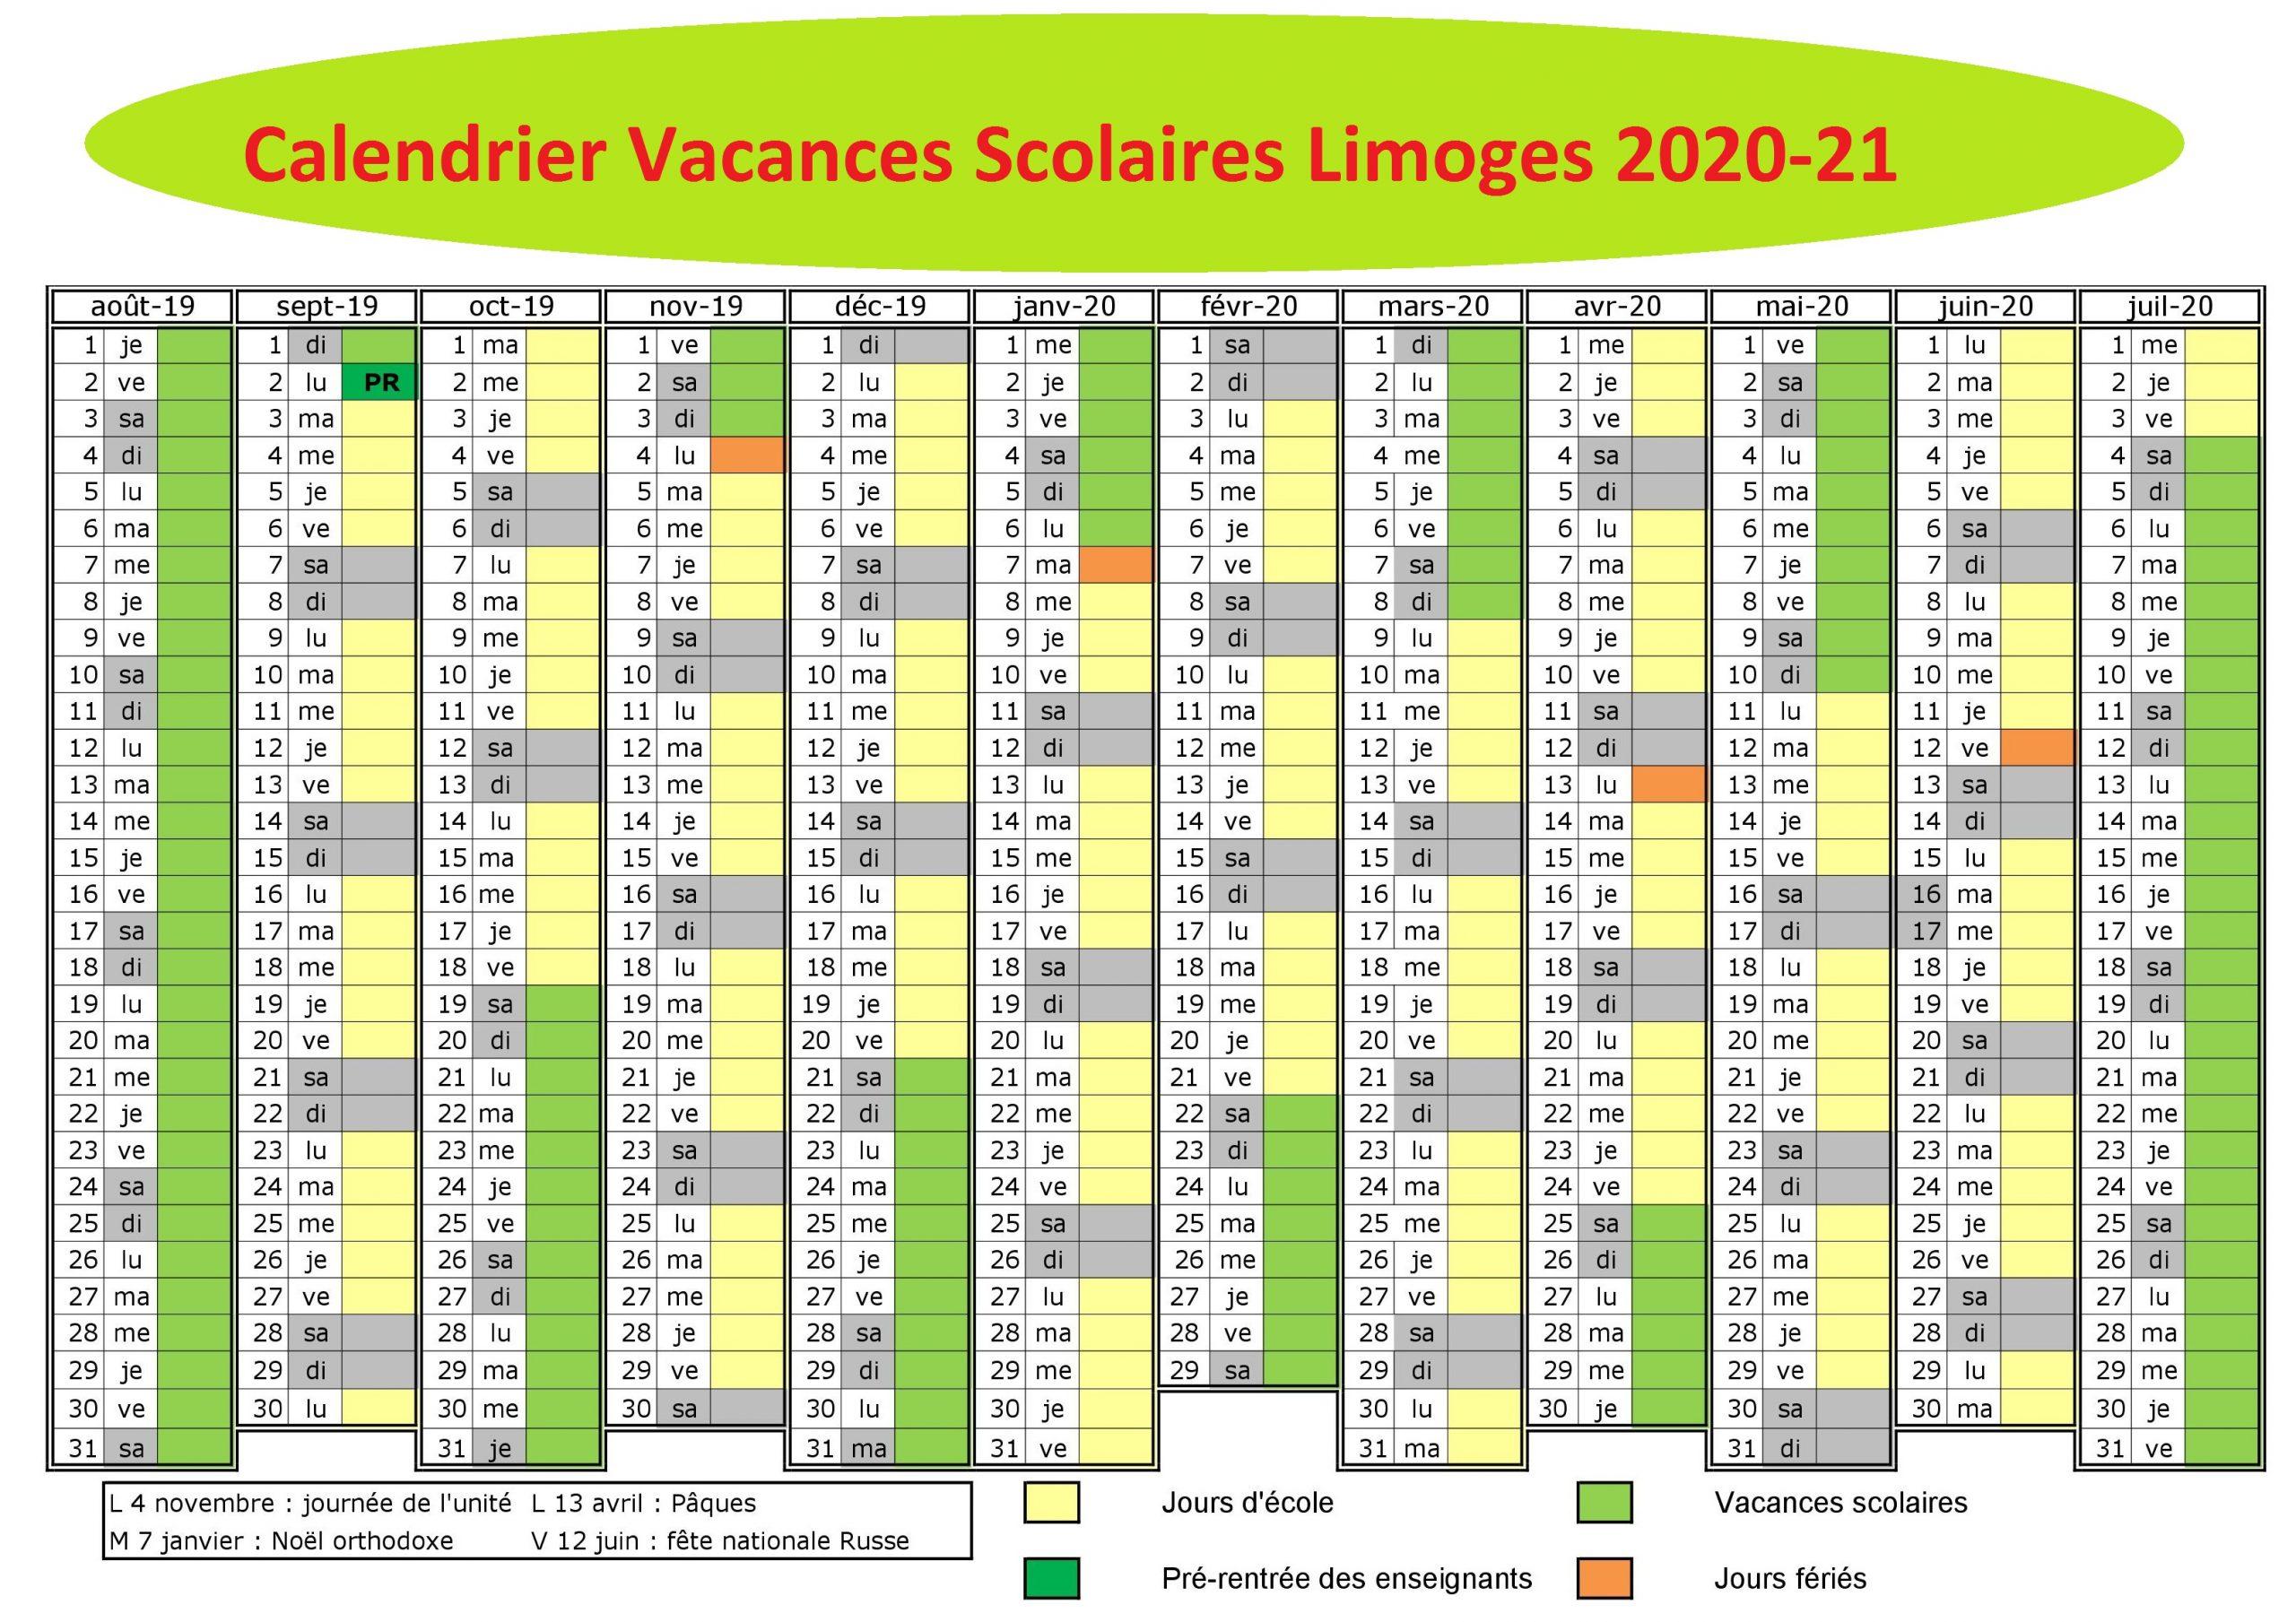 Vacances Scolaires 2019 et 2020 Limoges